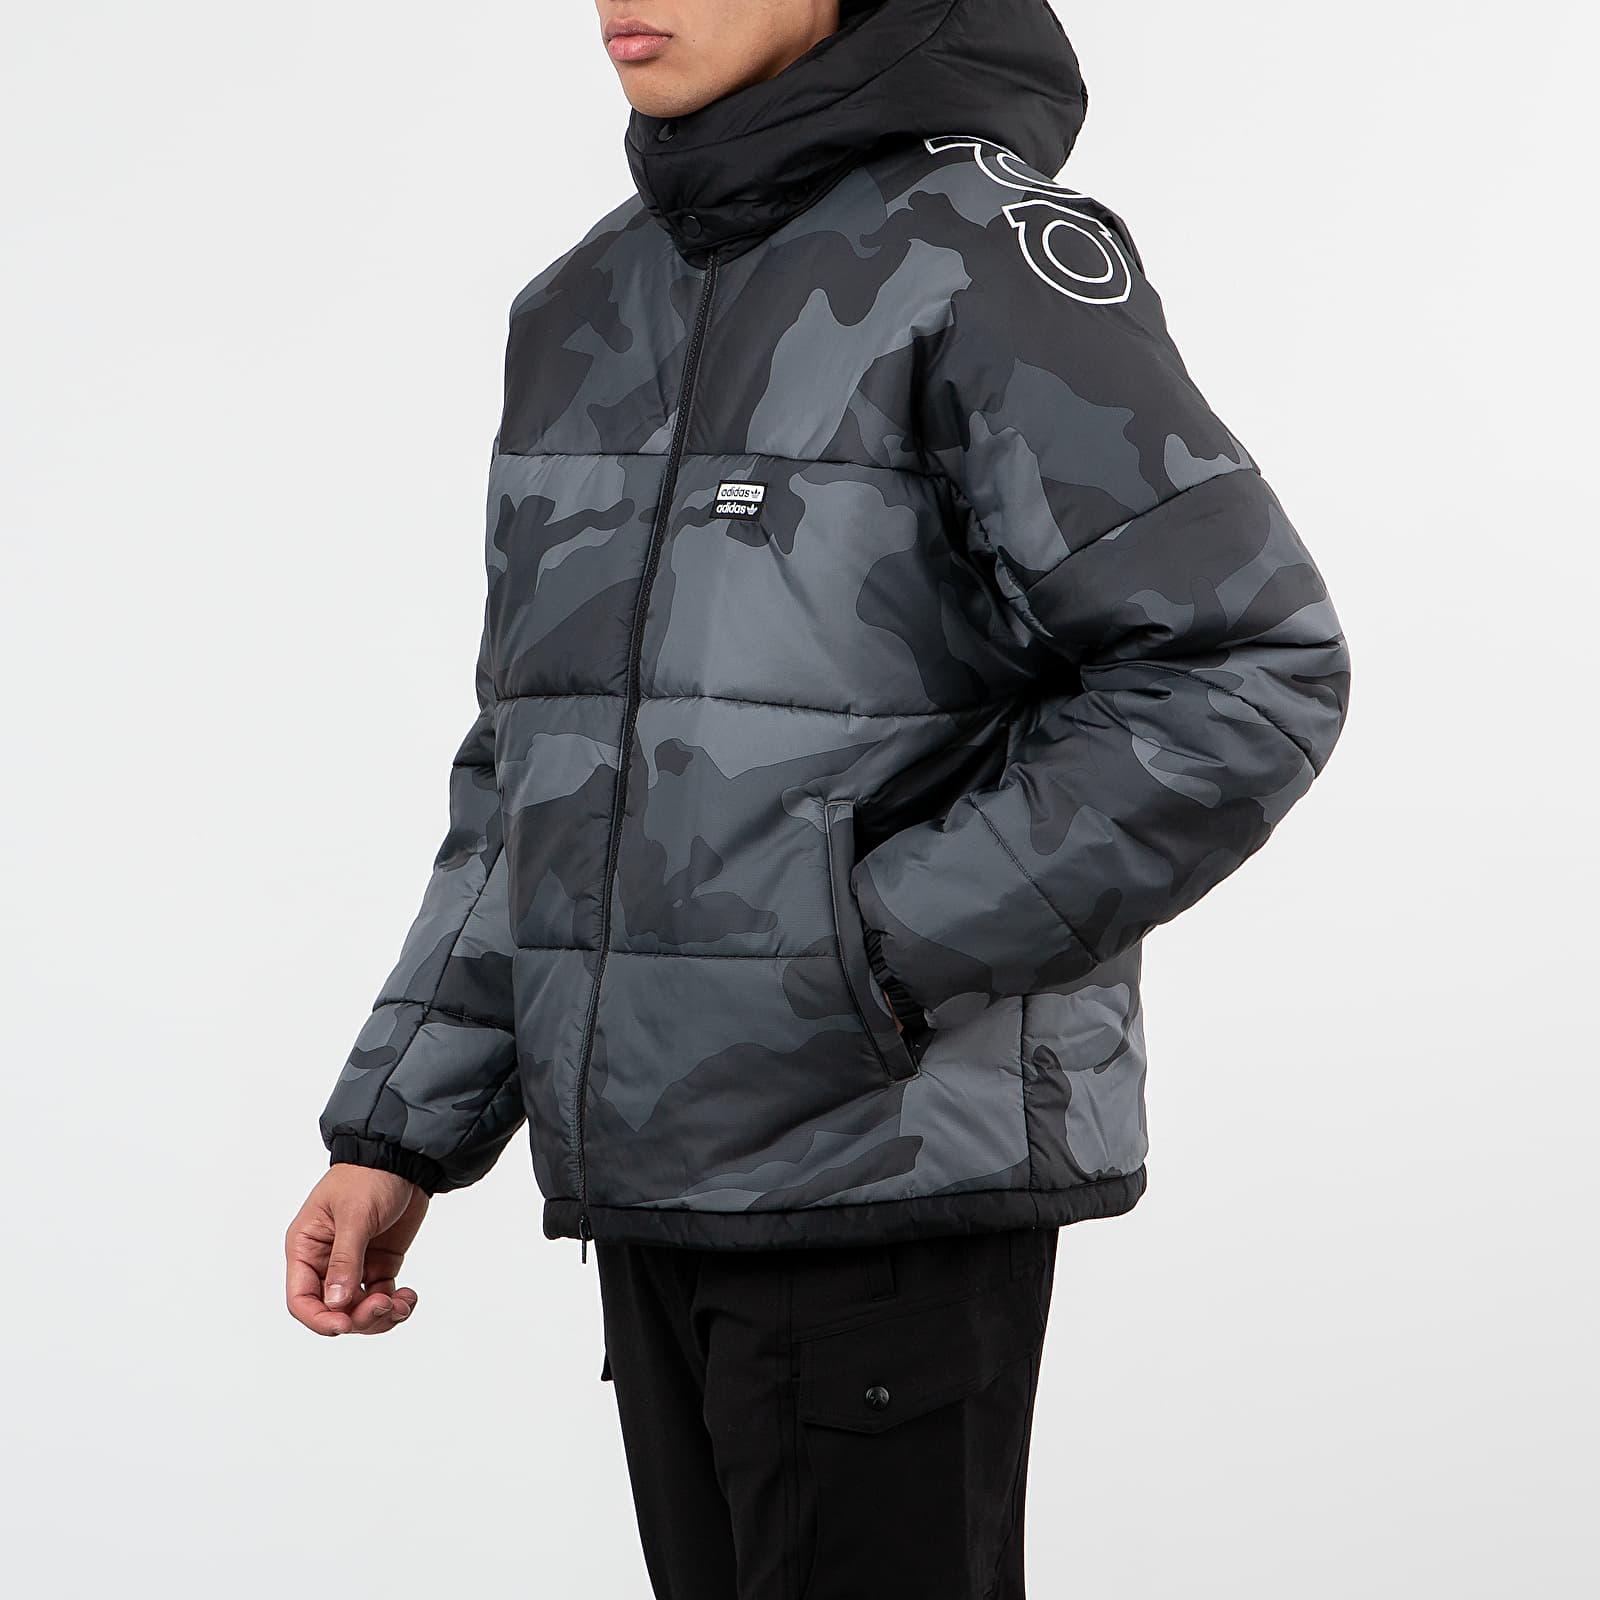 adidas R.Y.V. Camo Jacket